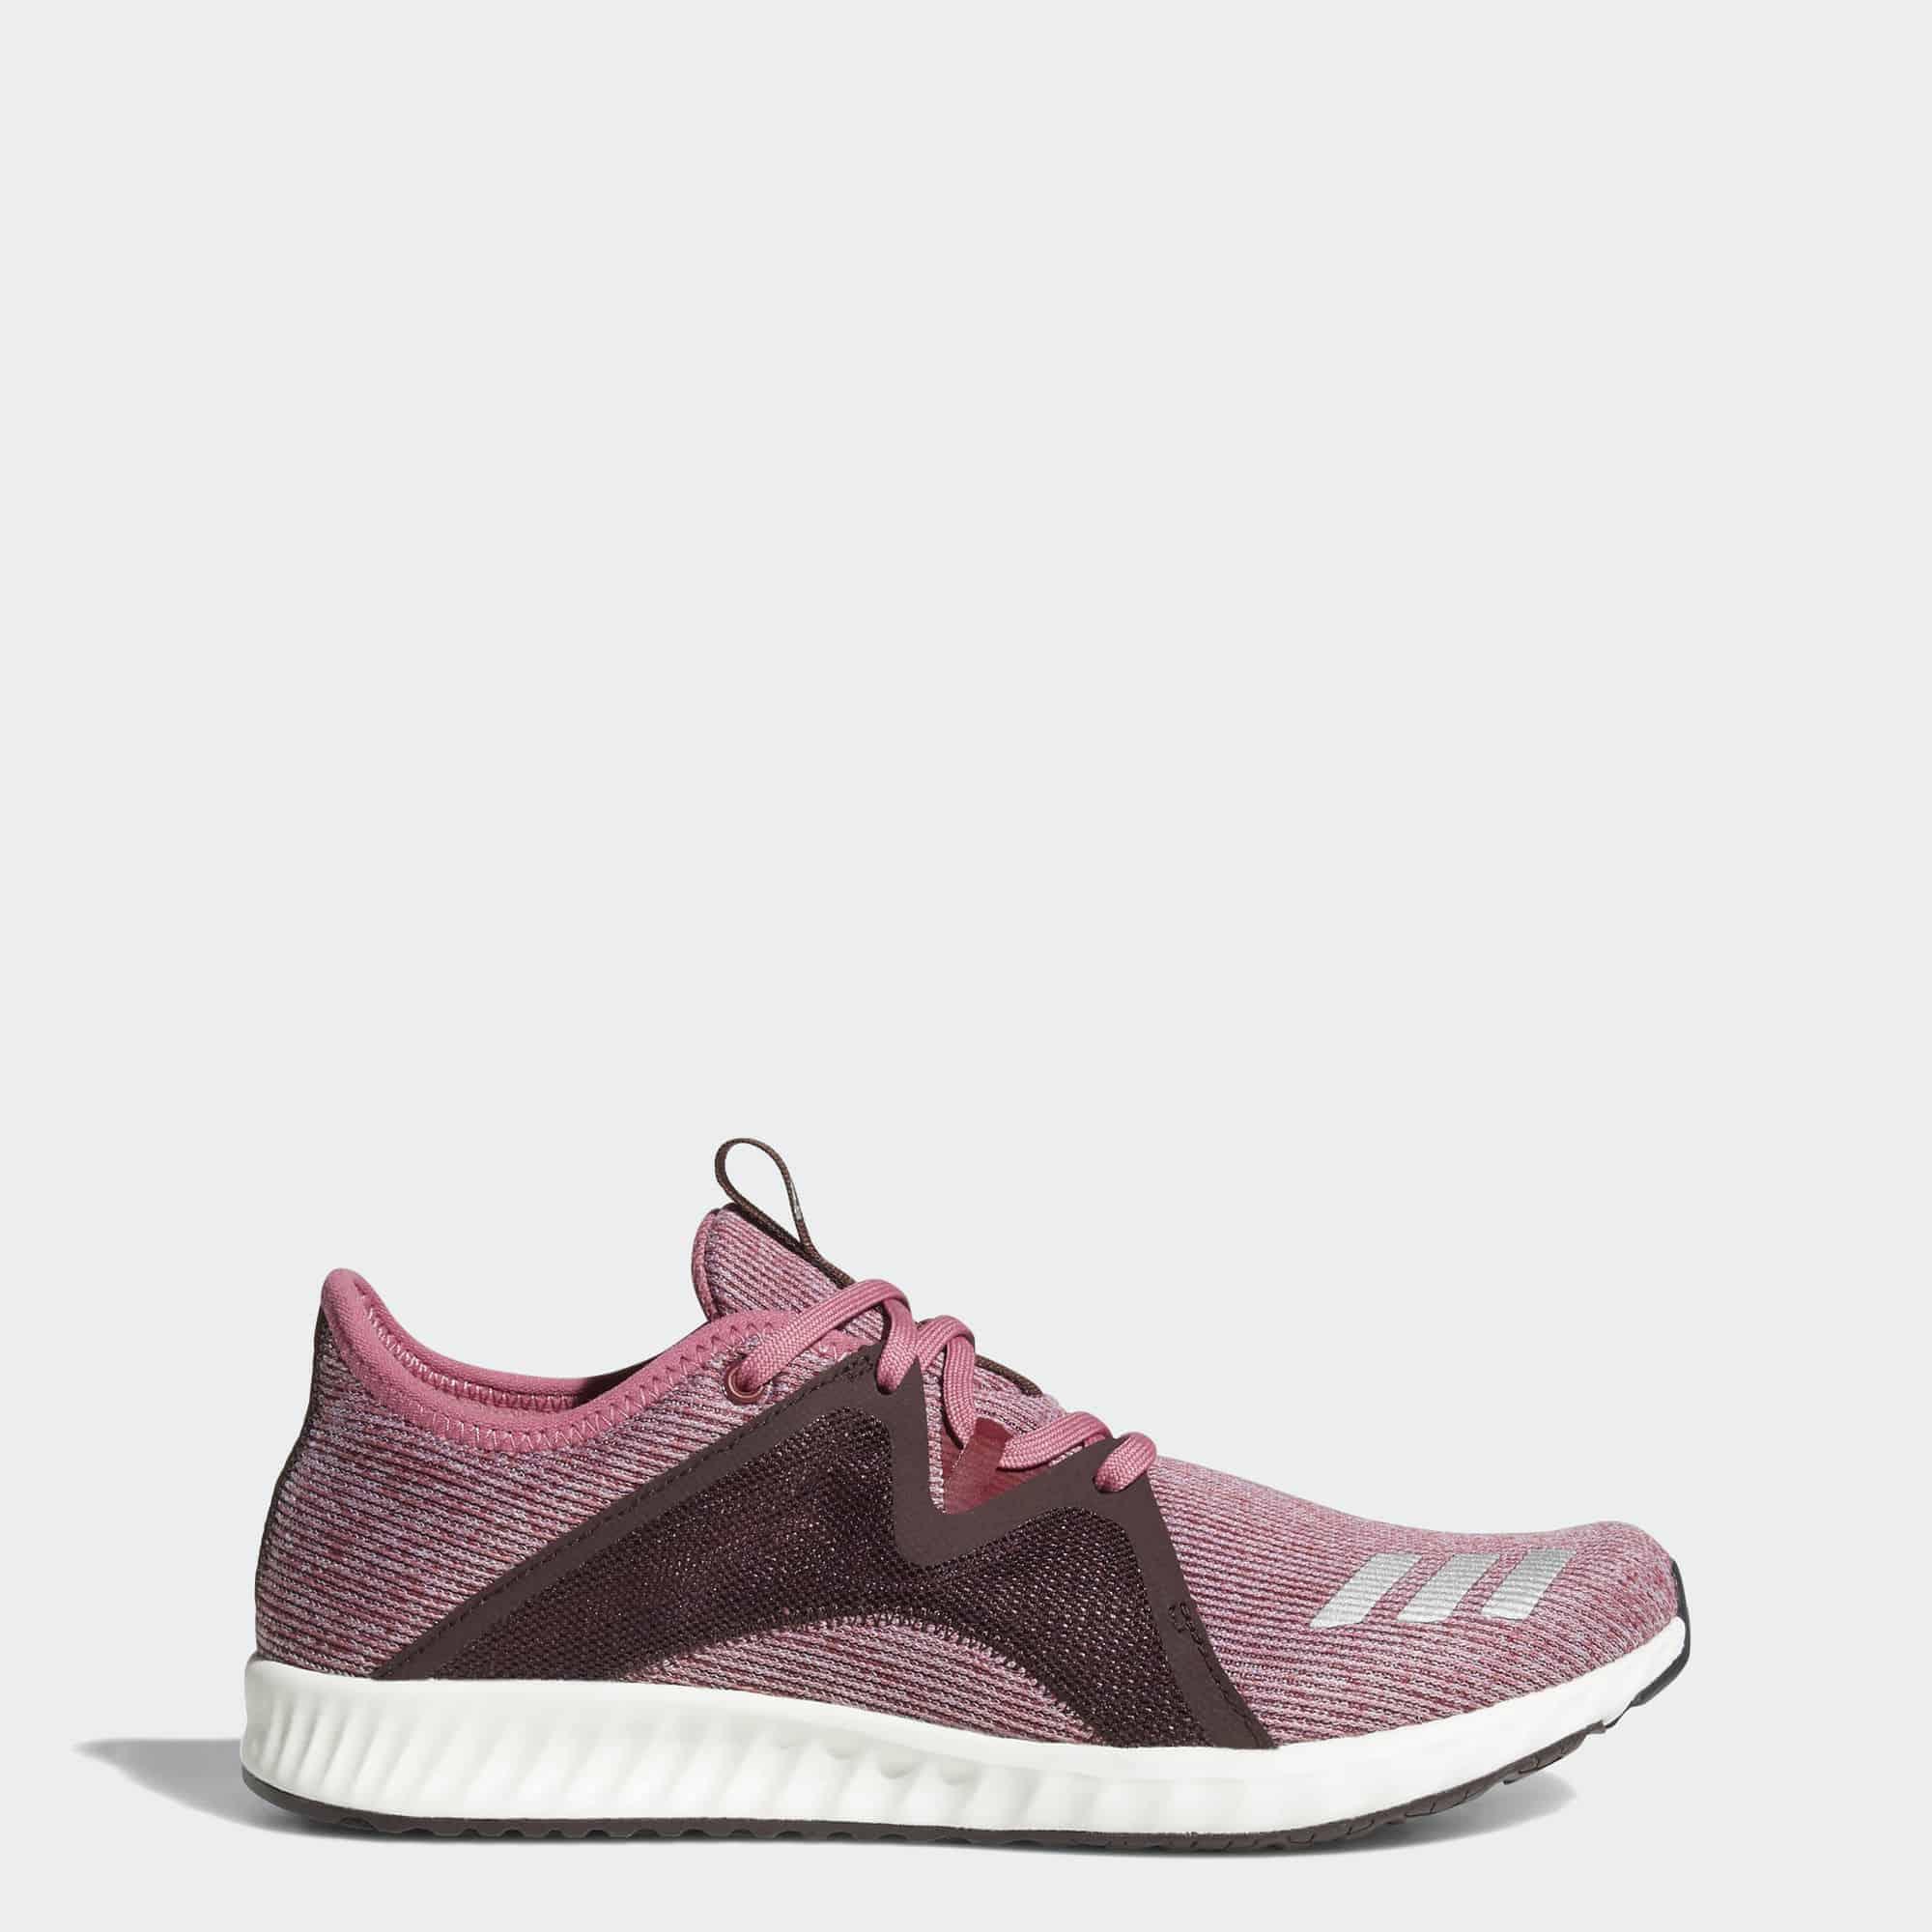 Кроссовки для бега Adidas Edge Lux 2 женские